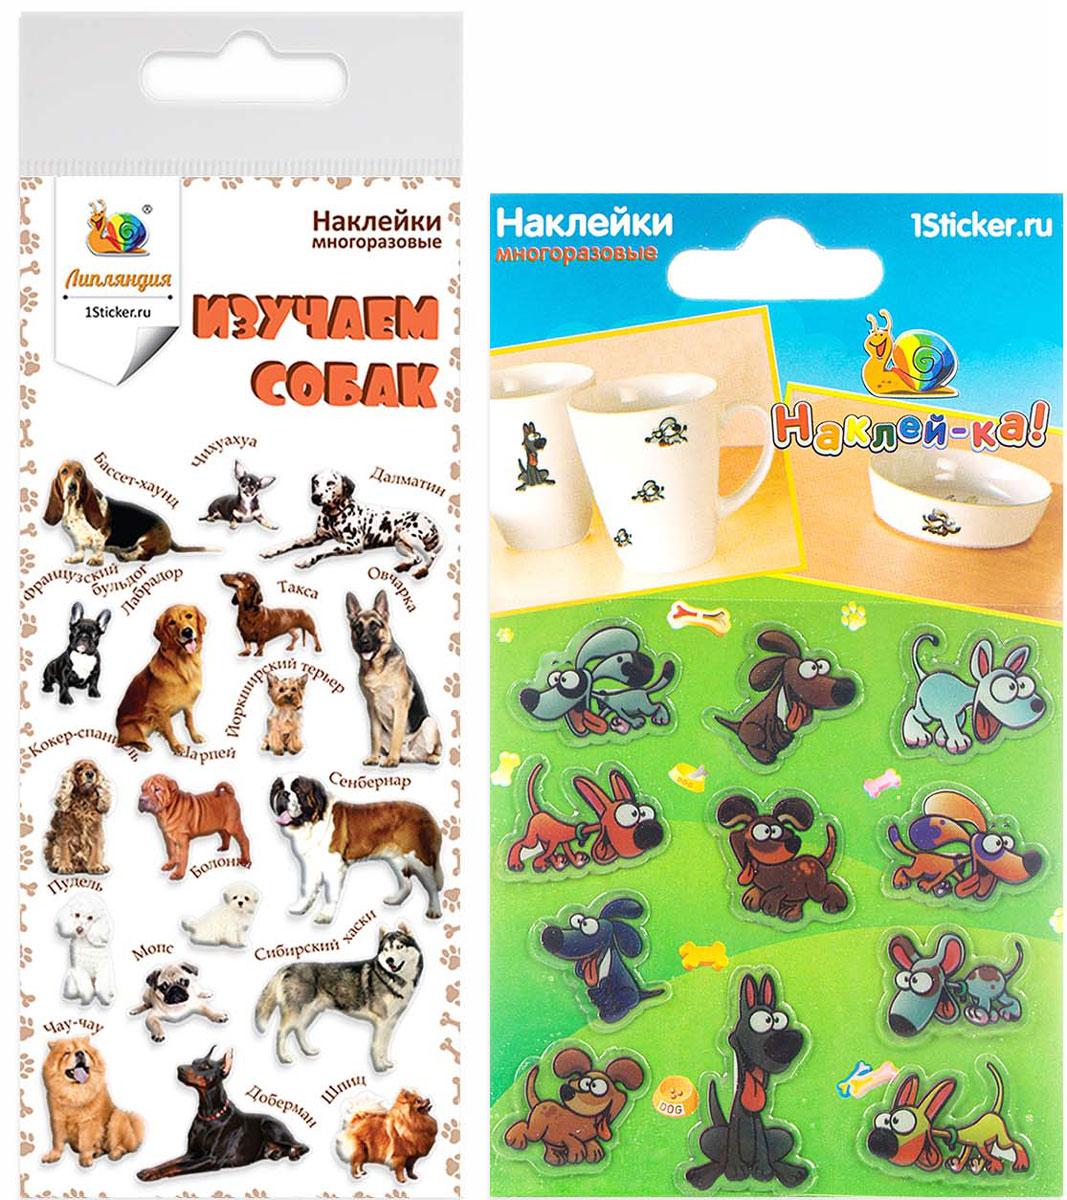 Липляндия Набор многоразовых наклеек Собаки липляндия набор наклеек тачки 1 ндклд 1